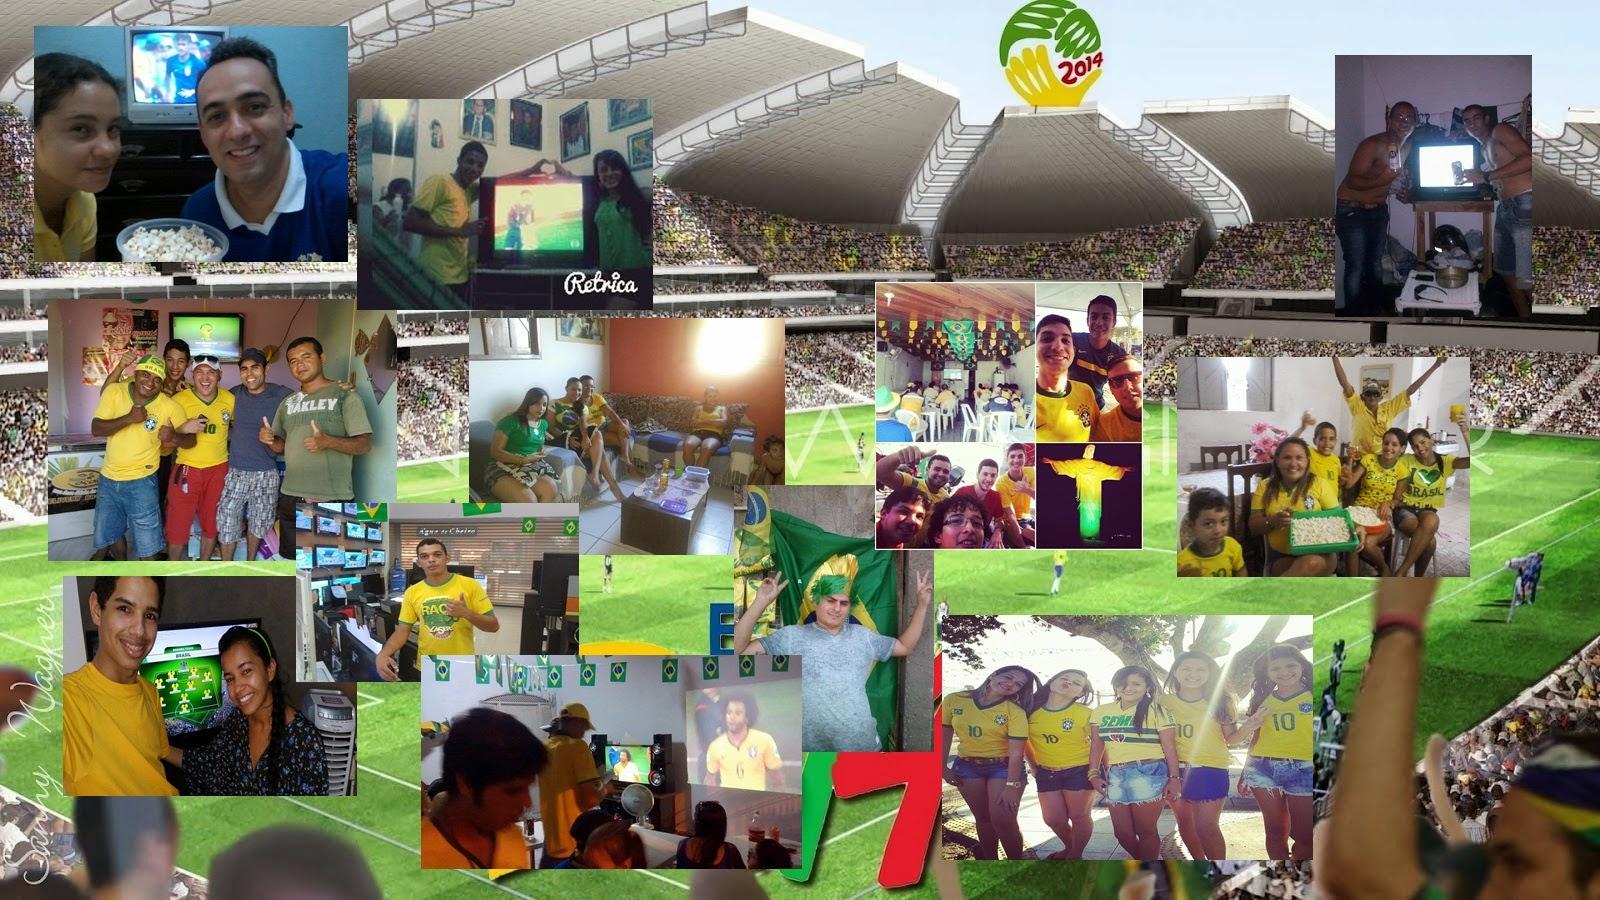 O Brasil joga e você aparece no Córrego